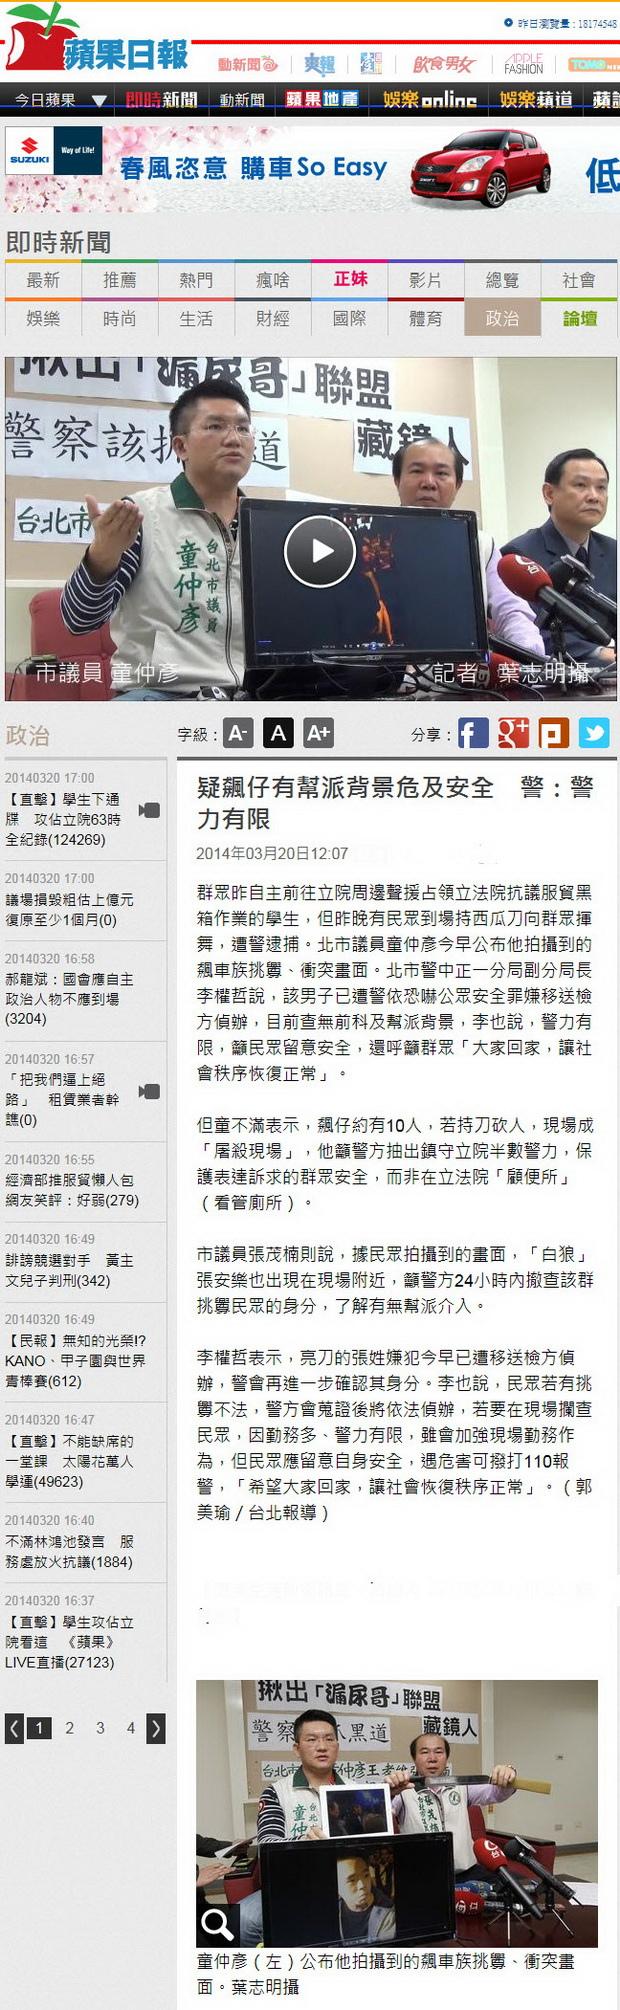 疑飆仔有幫派背景危及安全警:警力有限 -2014.03.20.jpg